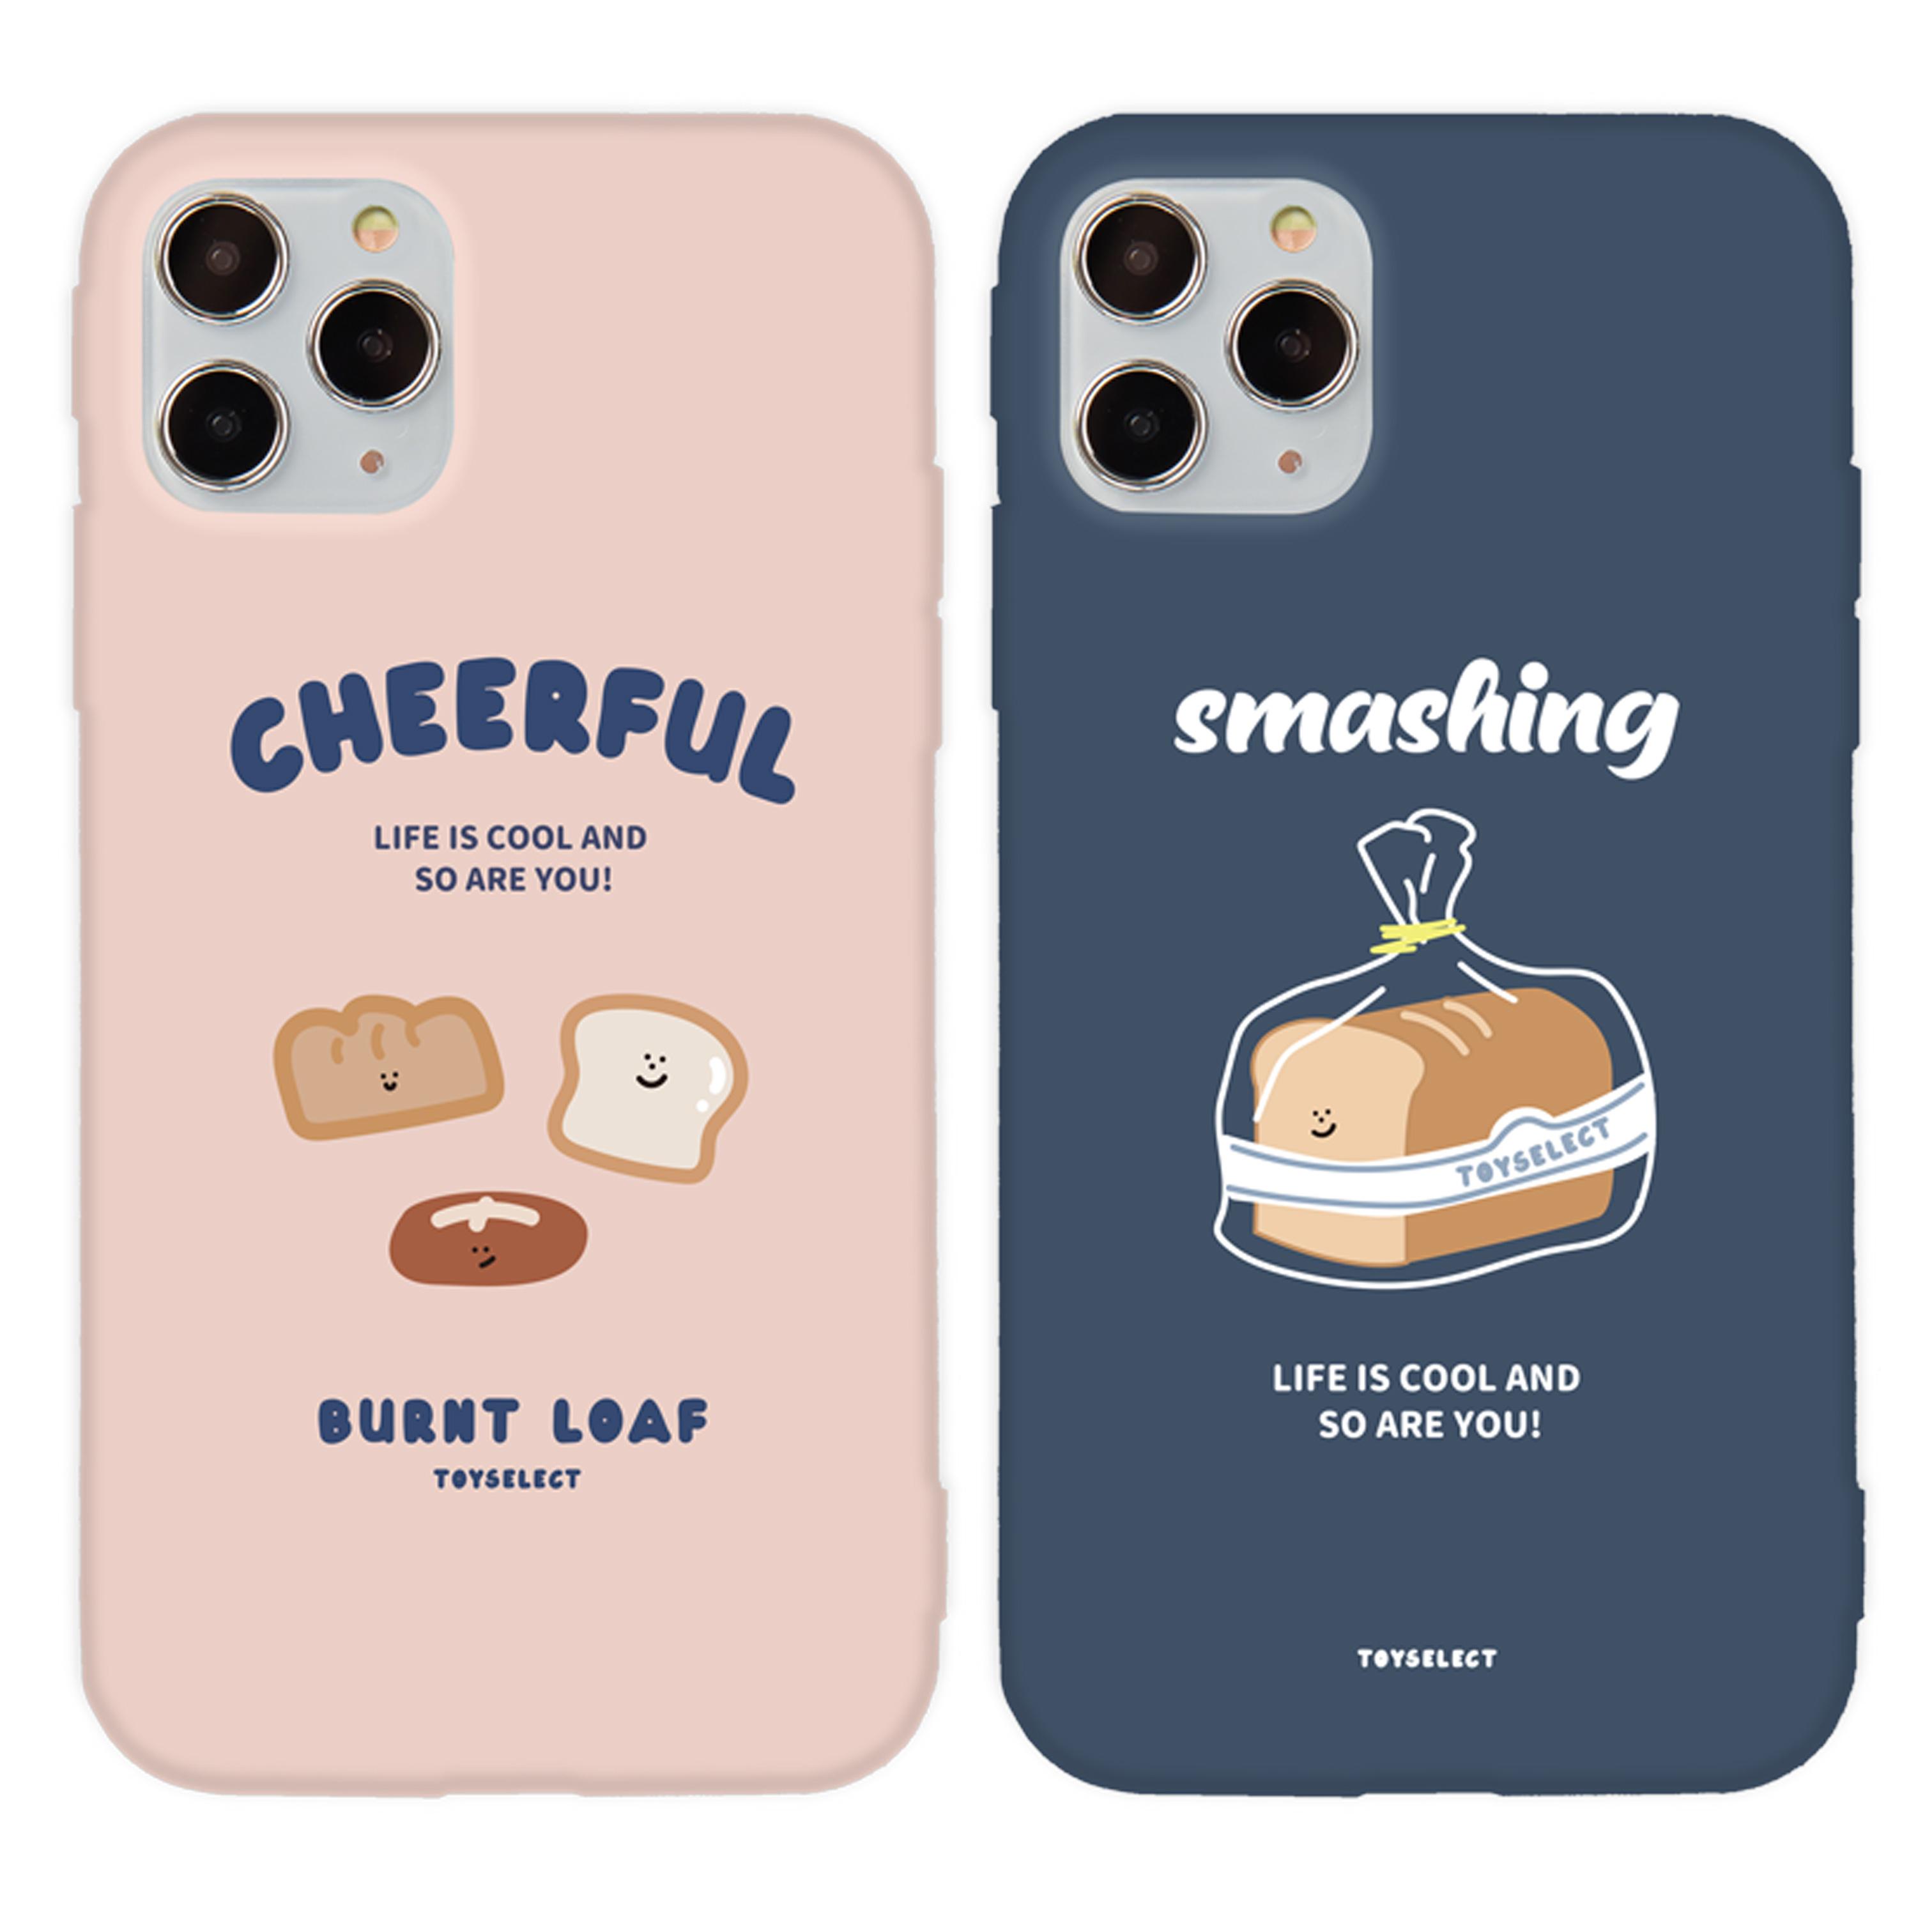 【獨家設計】Smilie微笑吐司麵包兄弟iPhone手機殼